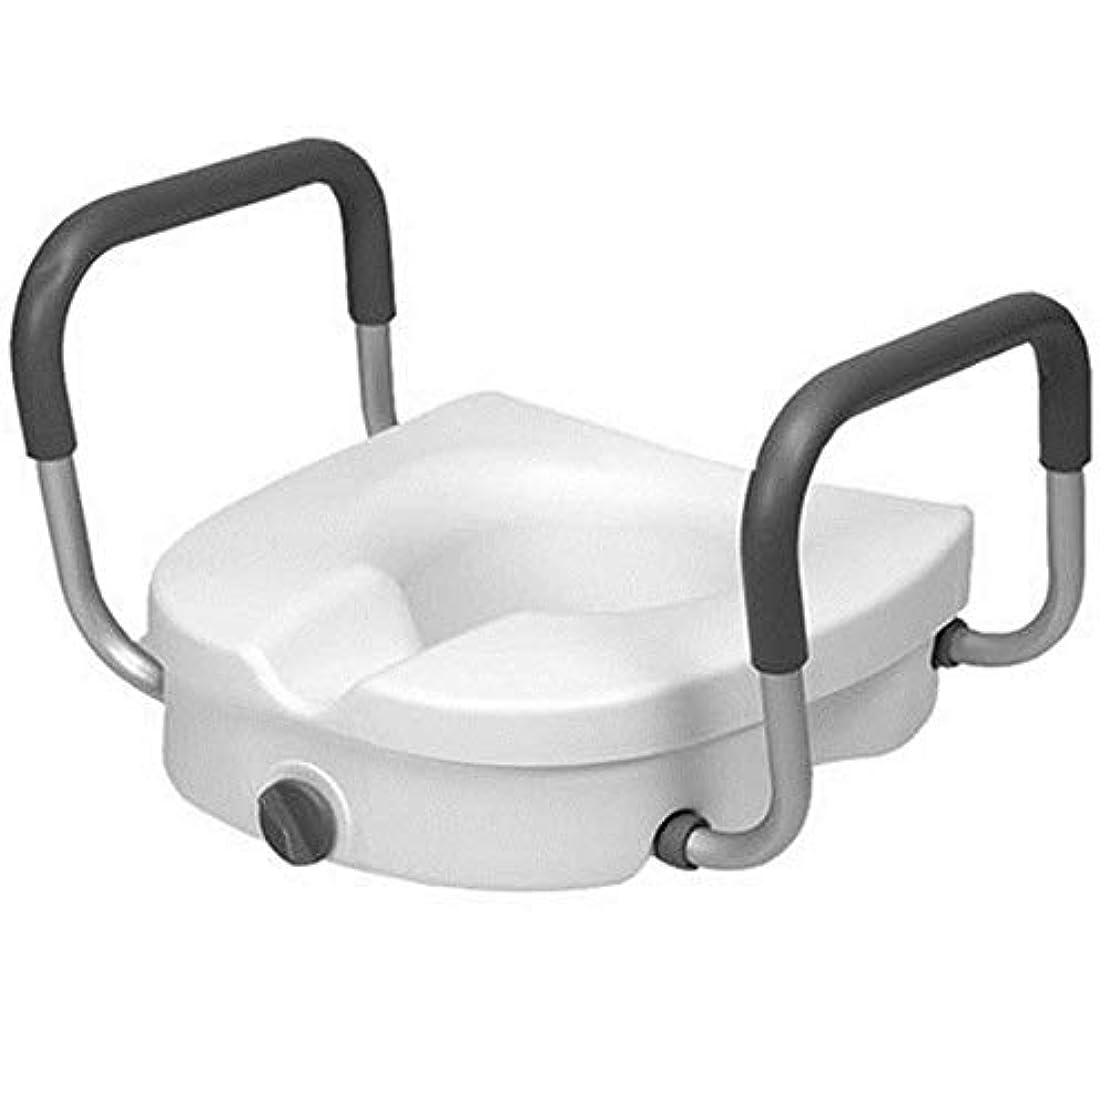 調整電気的環境保護主義者Armrestの洗面所のブースター、洗面所の手すりのArmrestが付いている調節可能な便座